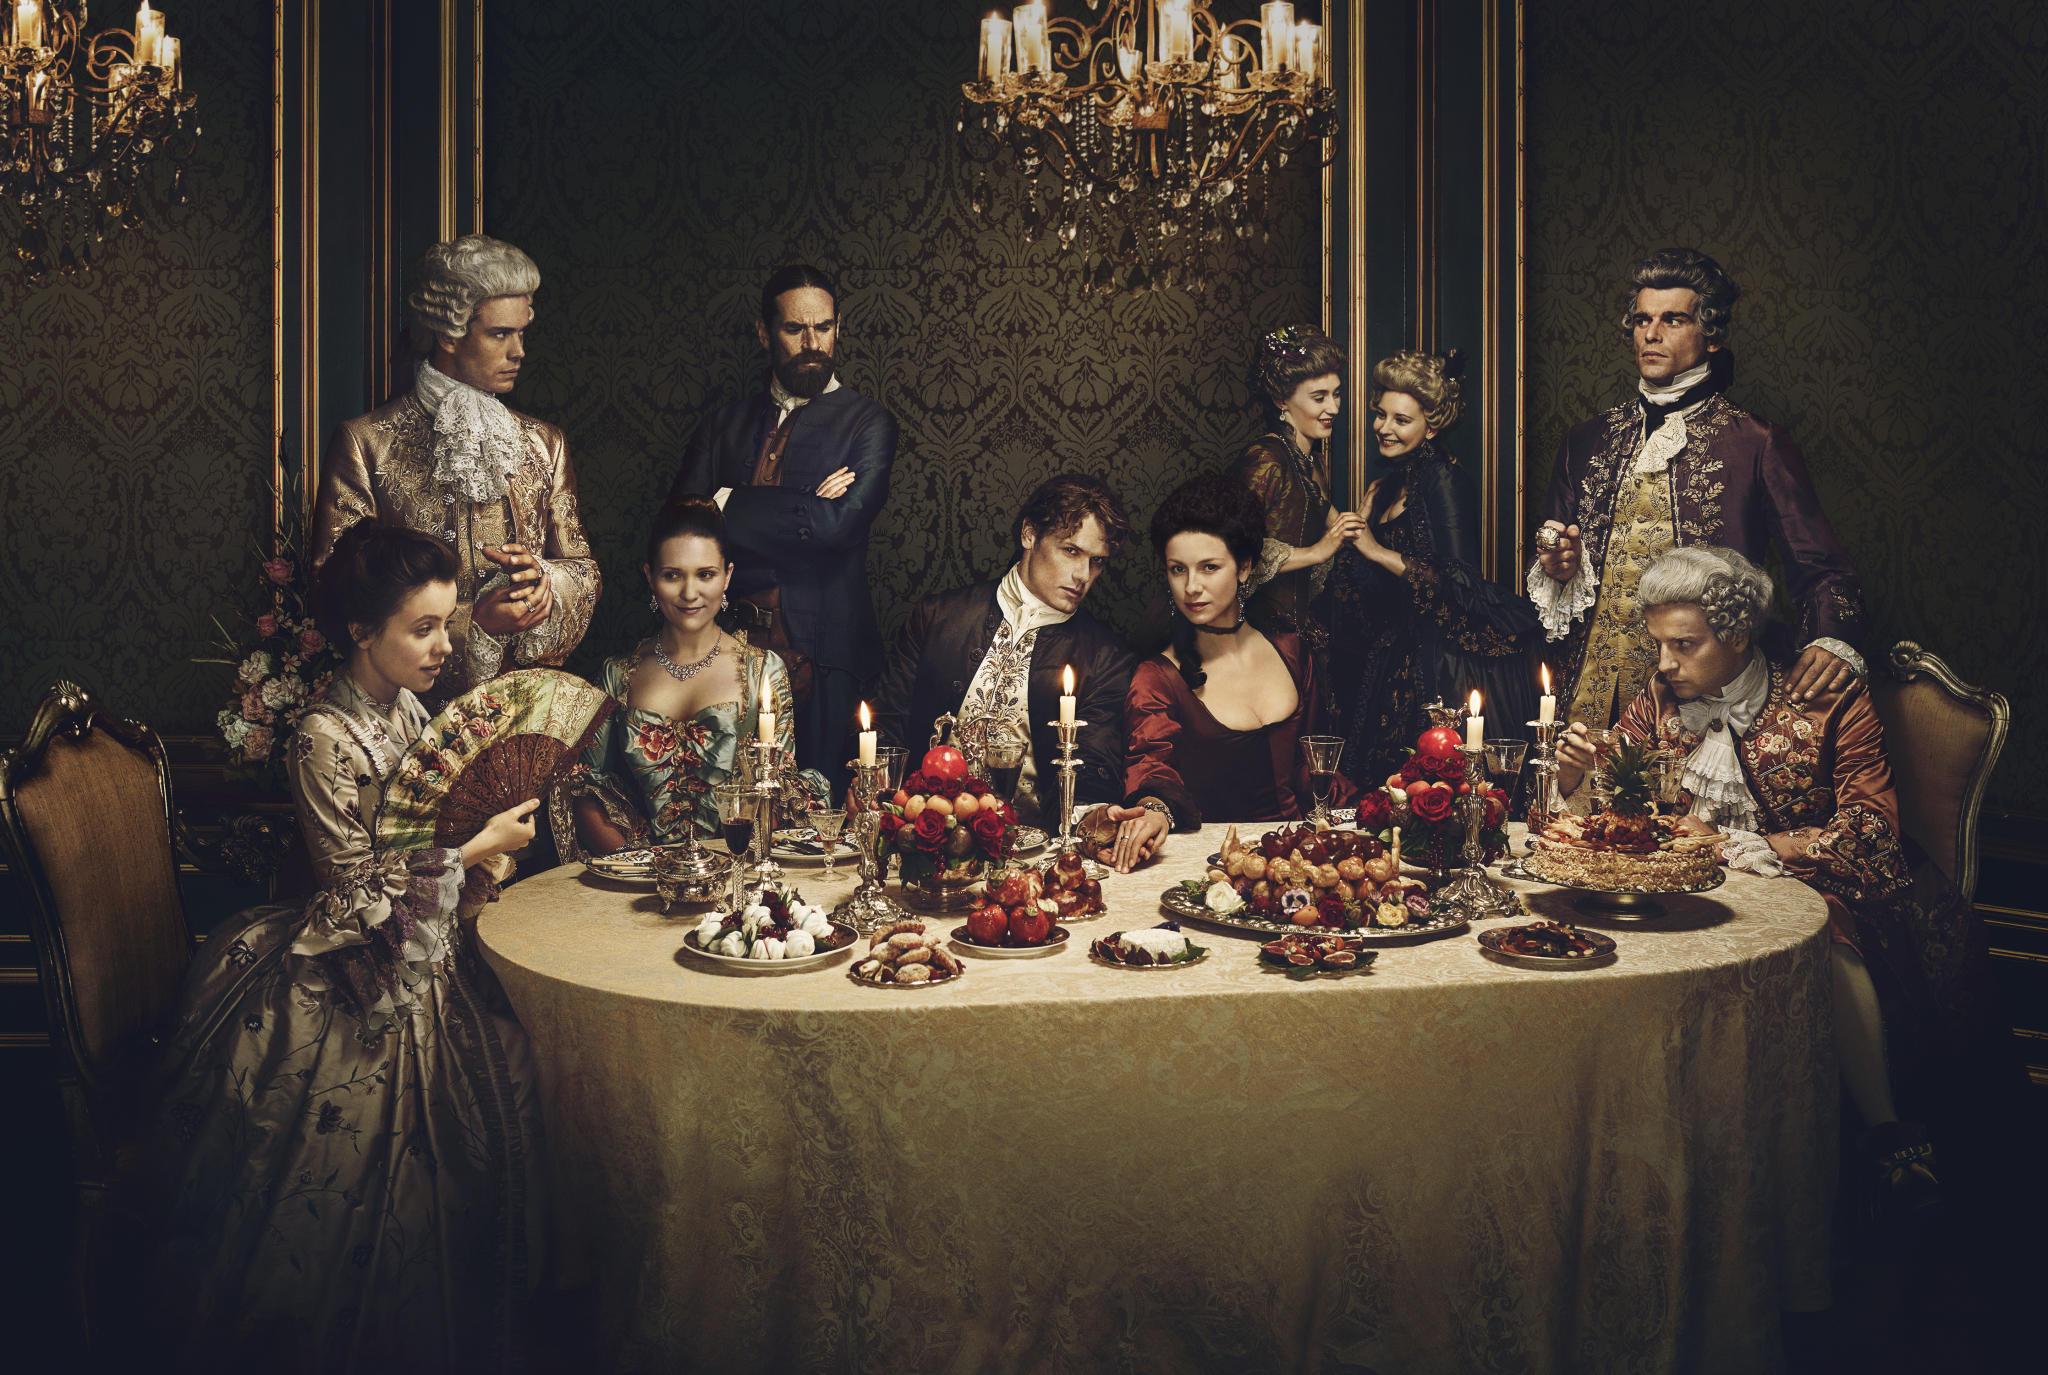 Zweite Staffel Outlander